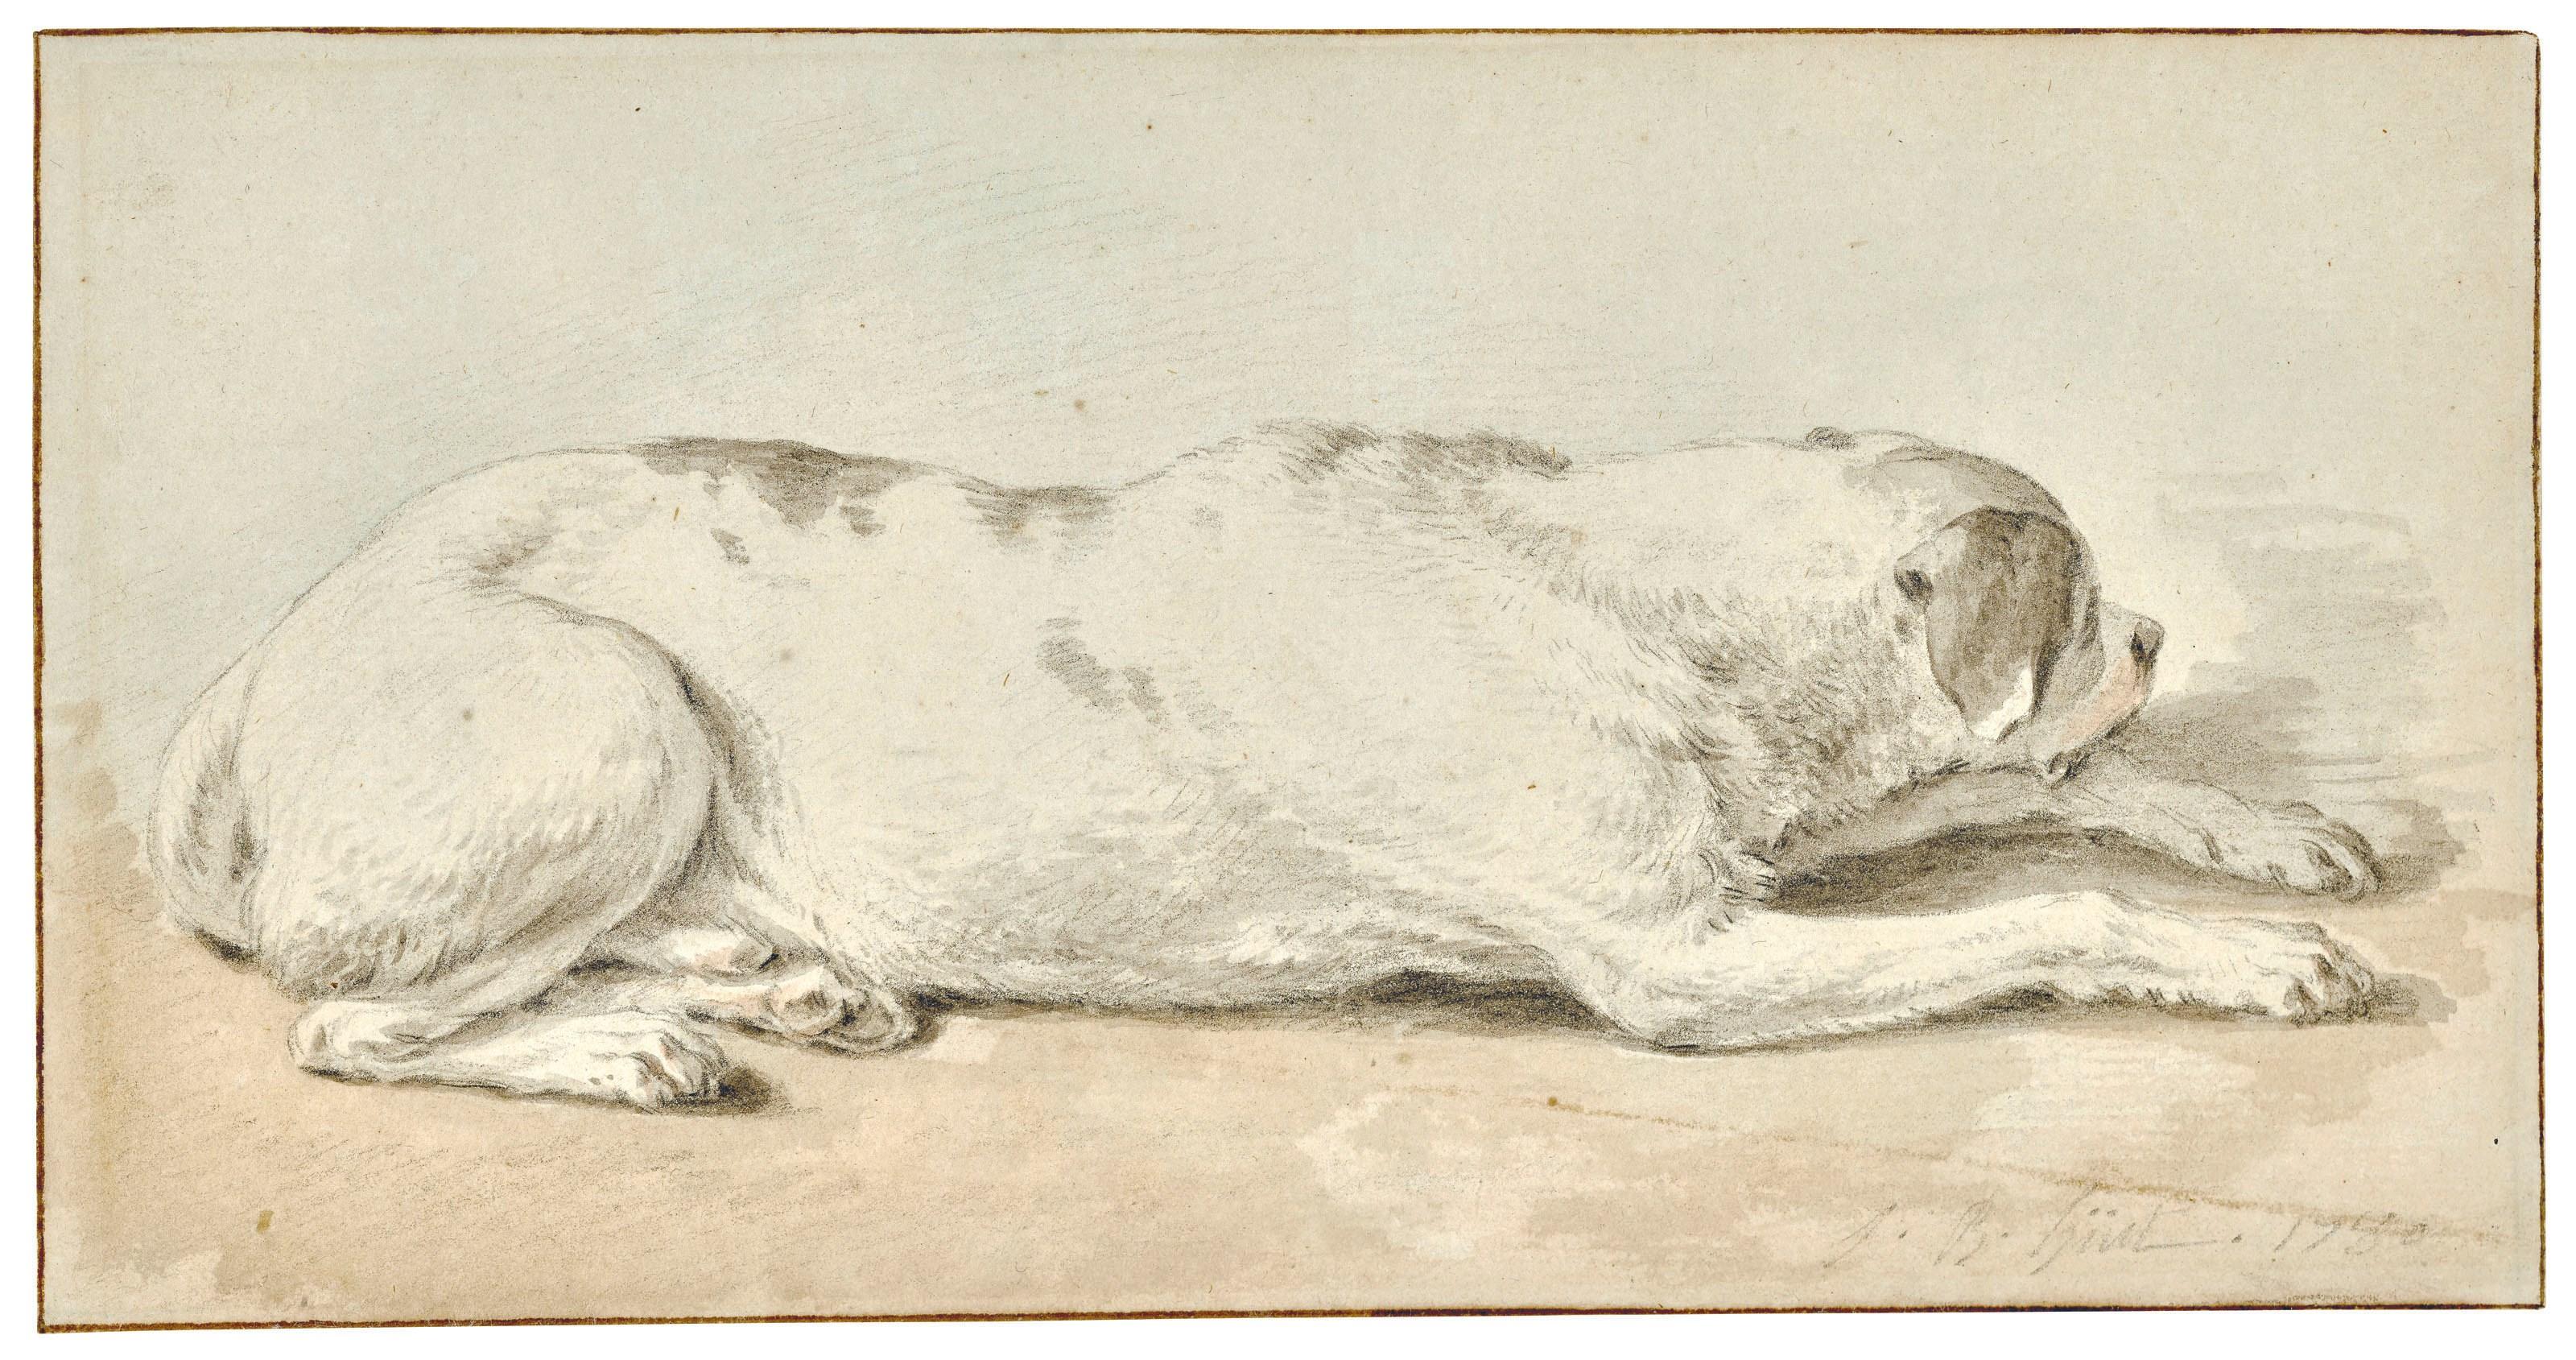 让‧巴普蒂斯特·于埃(1745-1811),《狗》,4½ x 8½吋(10.9 x 20.8公分),估价:3,000-5,000美元。此拍品于2019年1月31日在佳士得纽约古典大师素描及英国绘画拍卖中呈献。